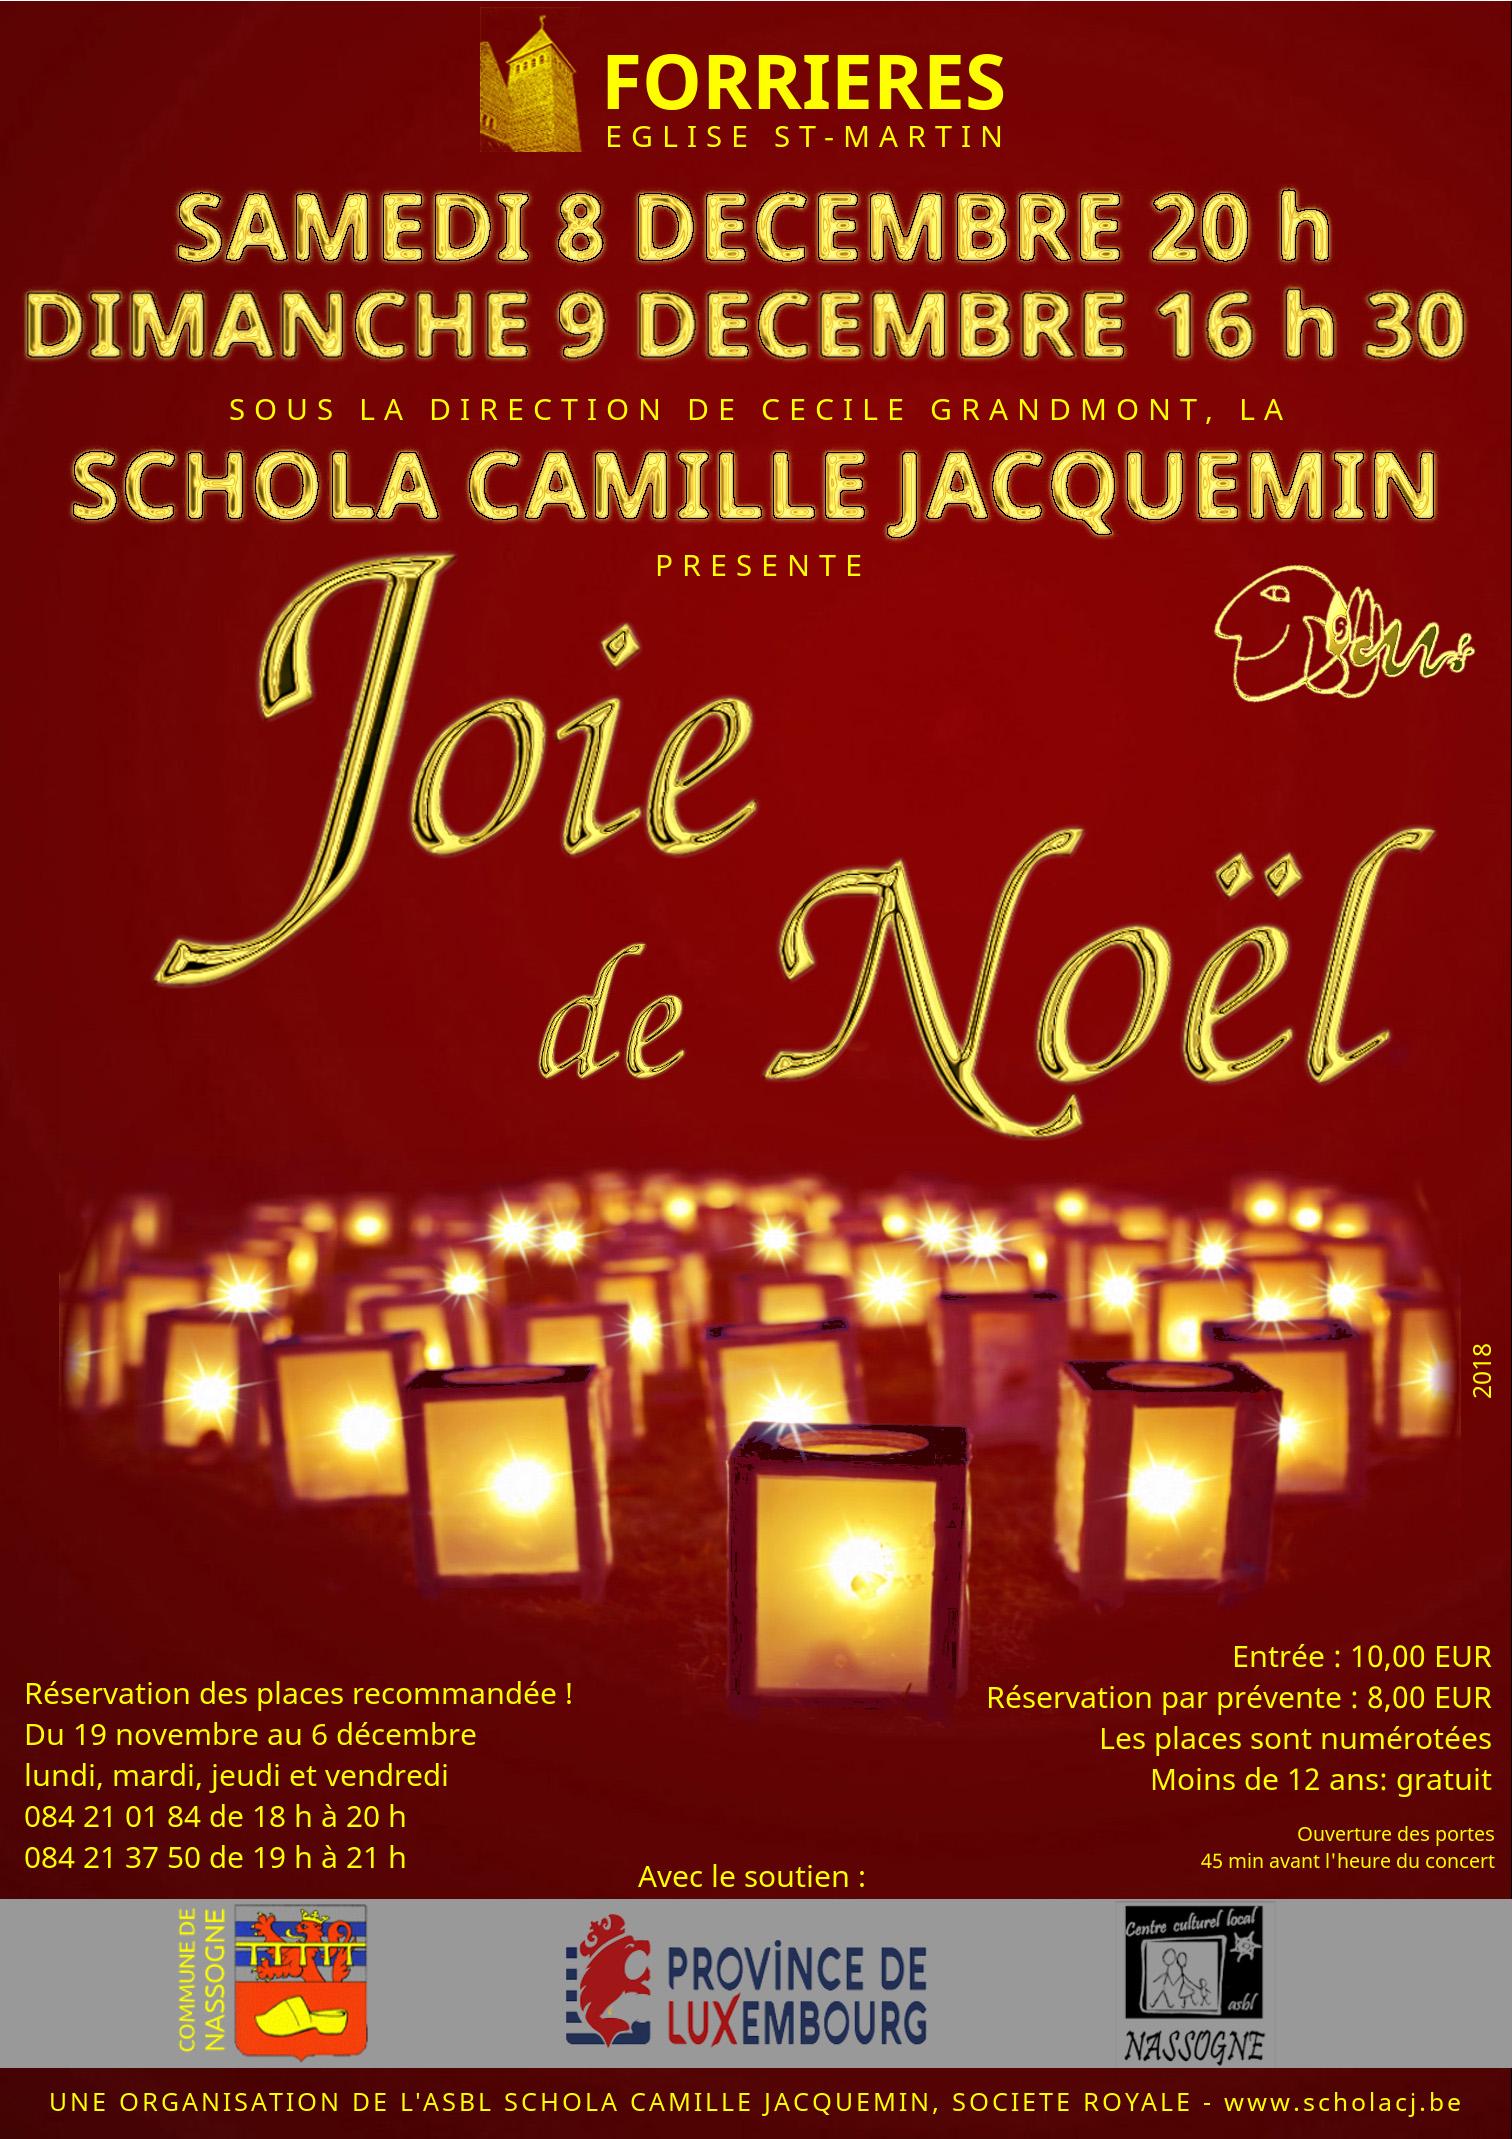 8 décembre 20h et 9 décembre 2016 16h30, grands concerts de Noël avec la Schola Camille Jacquemin en l'église de Forrières